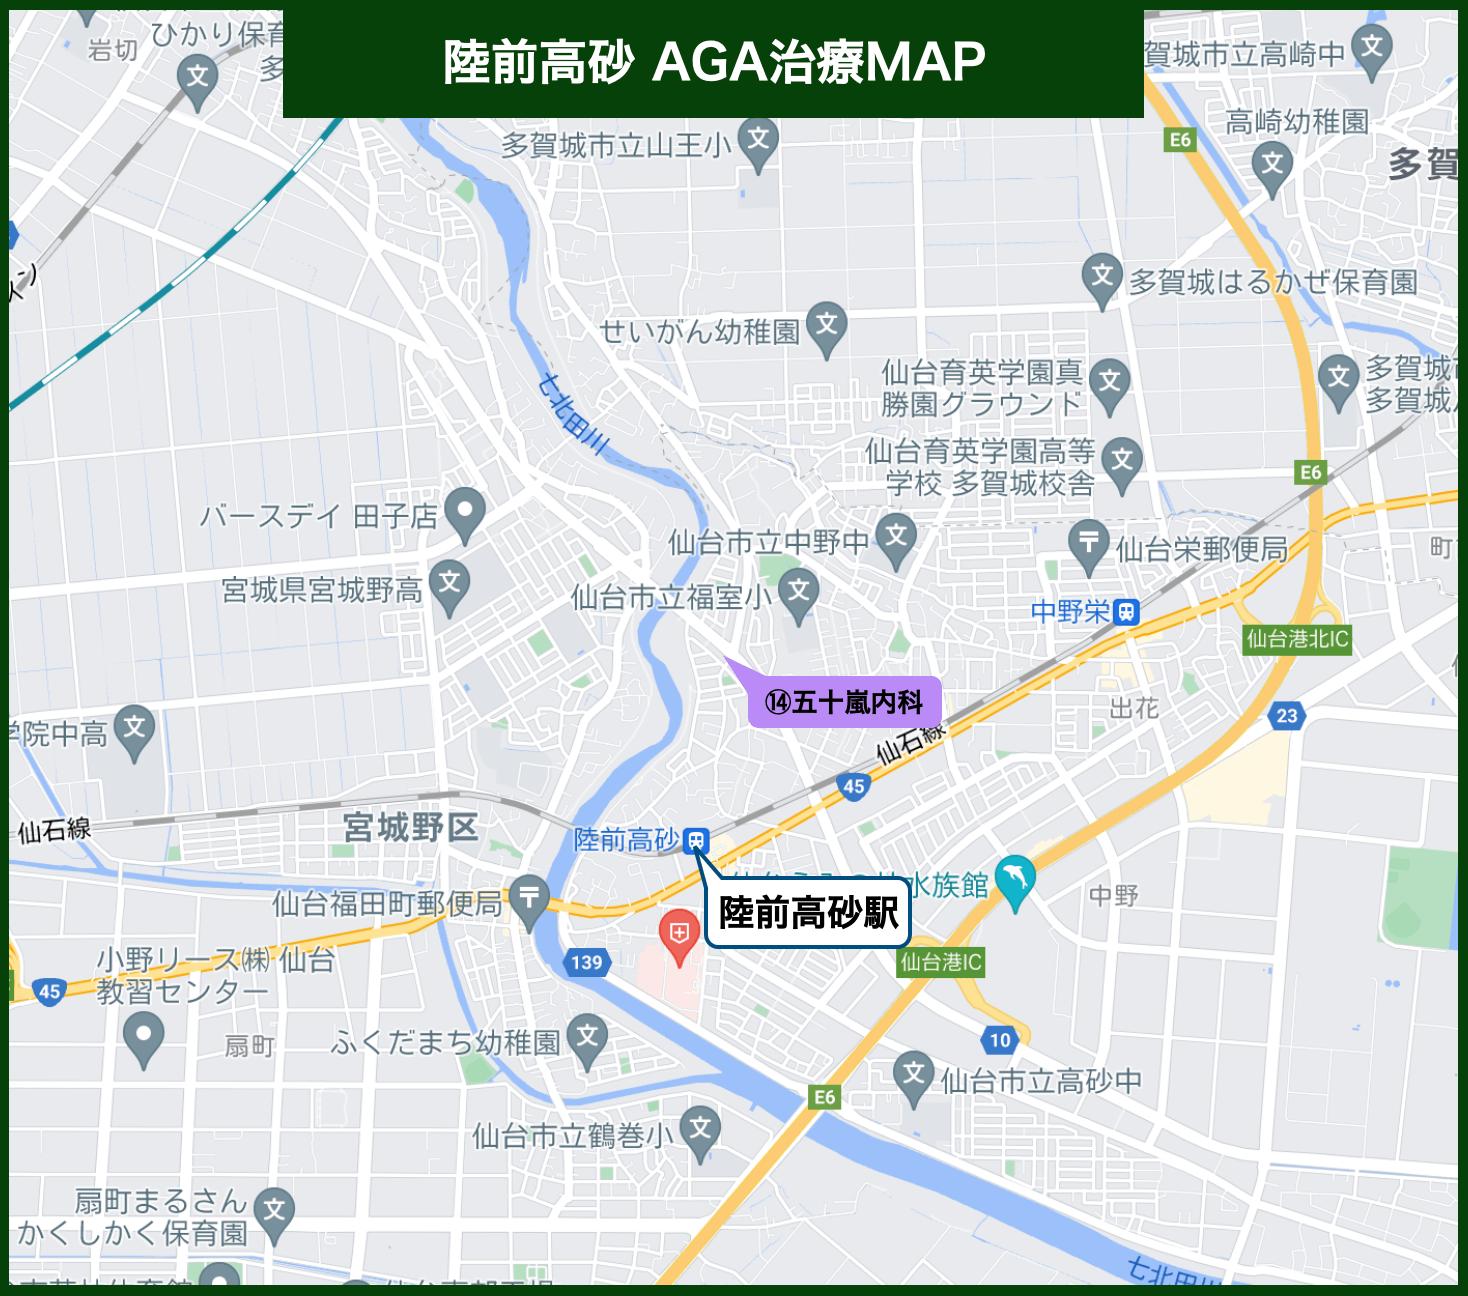 陸前高砂AGA治療MAP